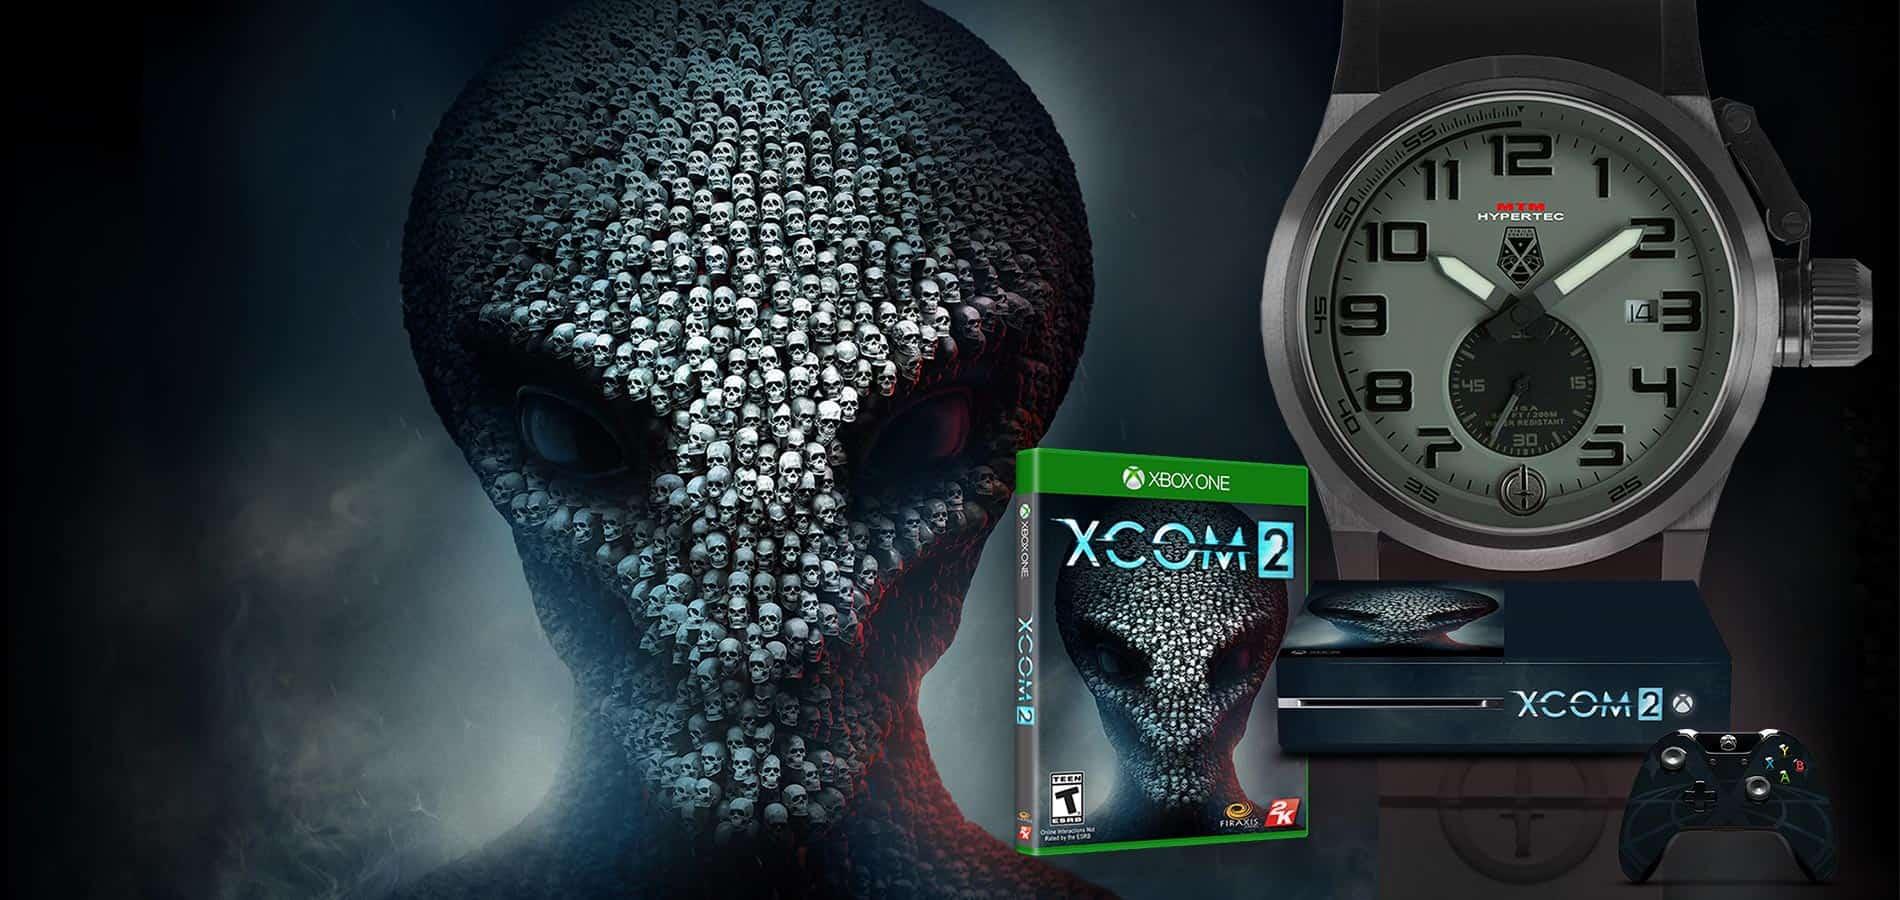 XCOM2 MTM Giveaway